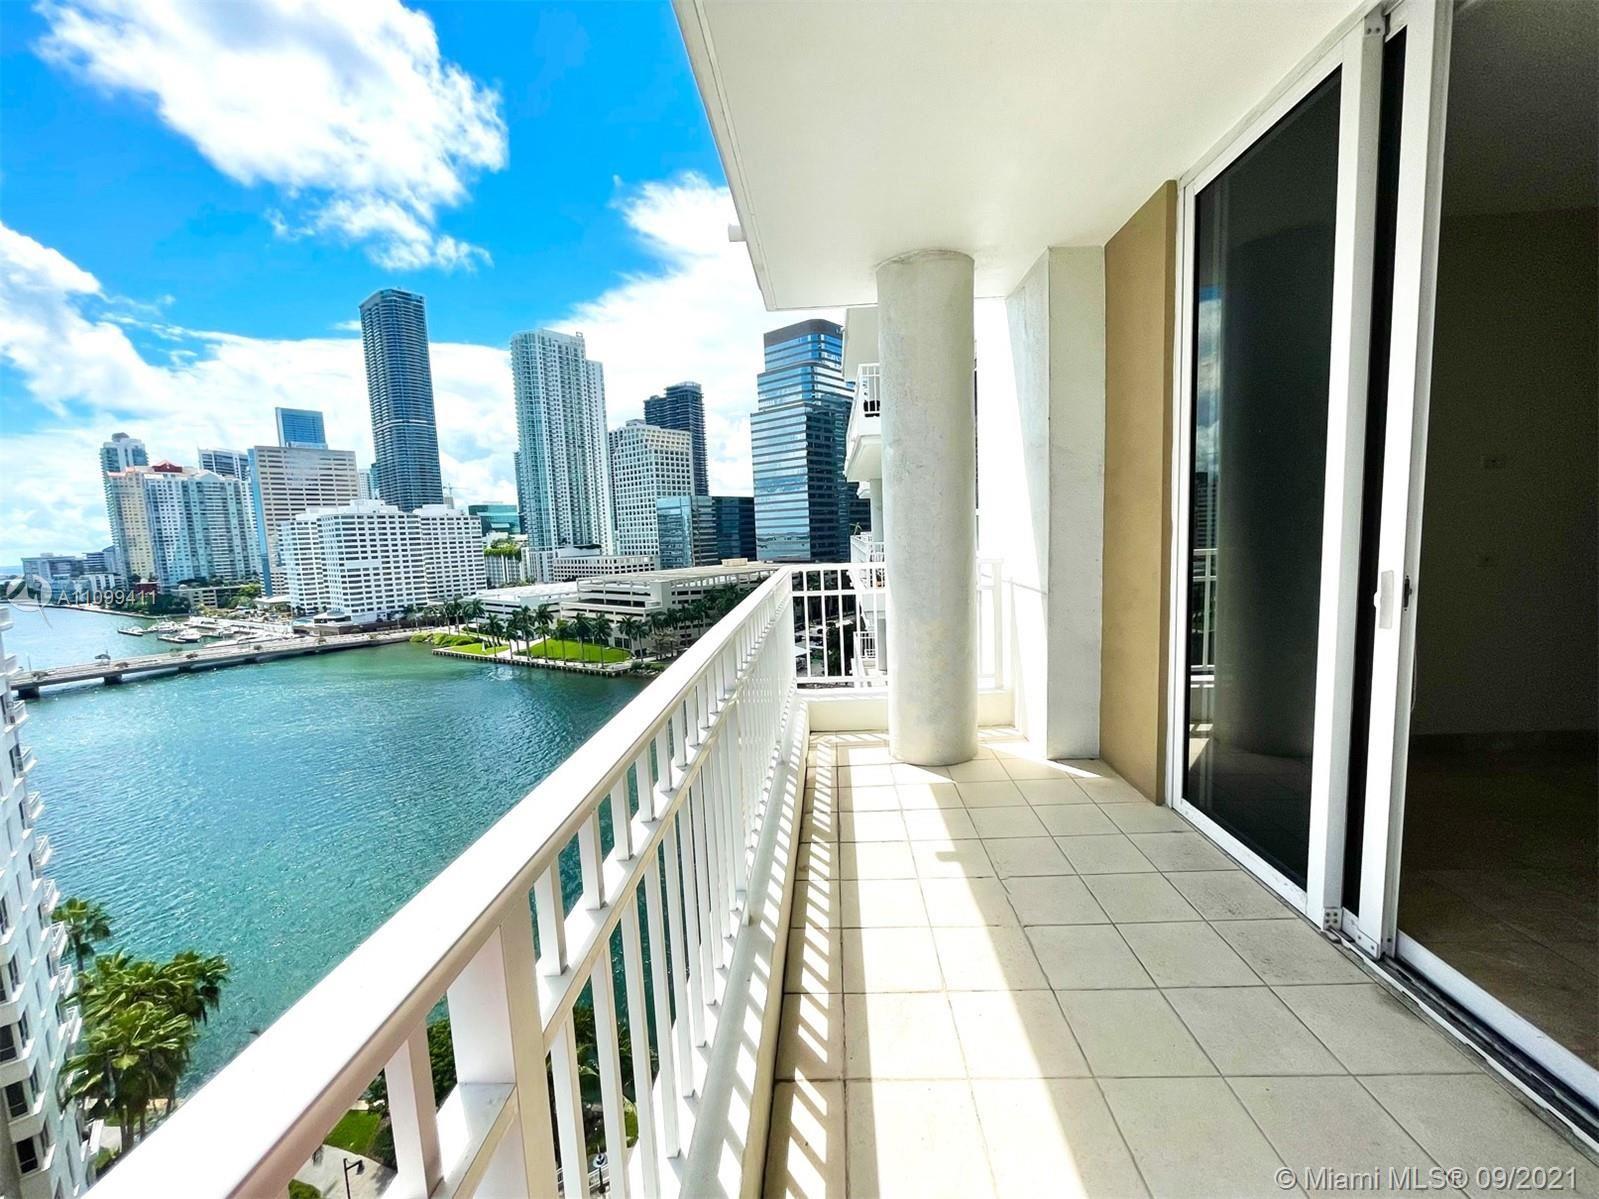 801 Brickell Key Blvd #1405, Miami, FL 33131 - MLS#: A11099411